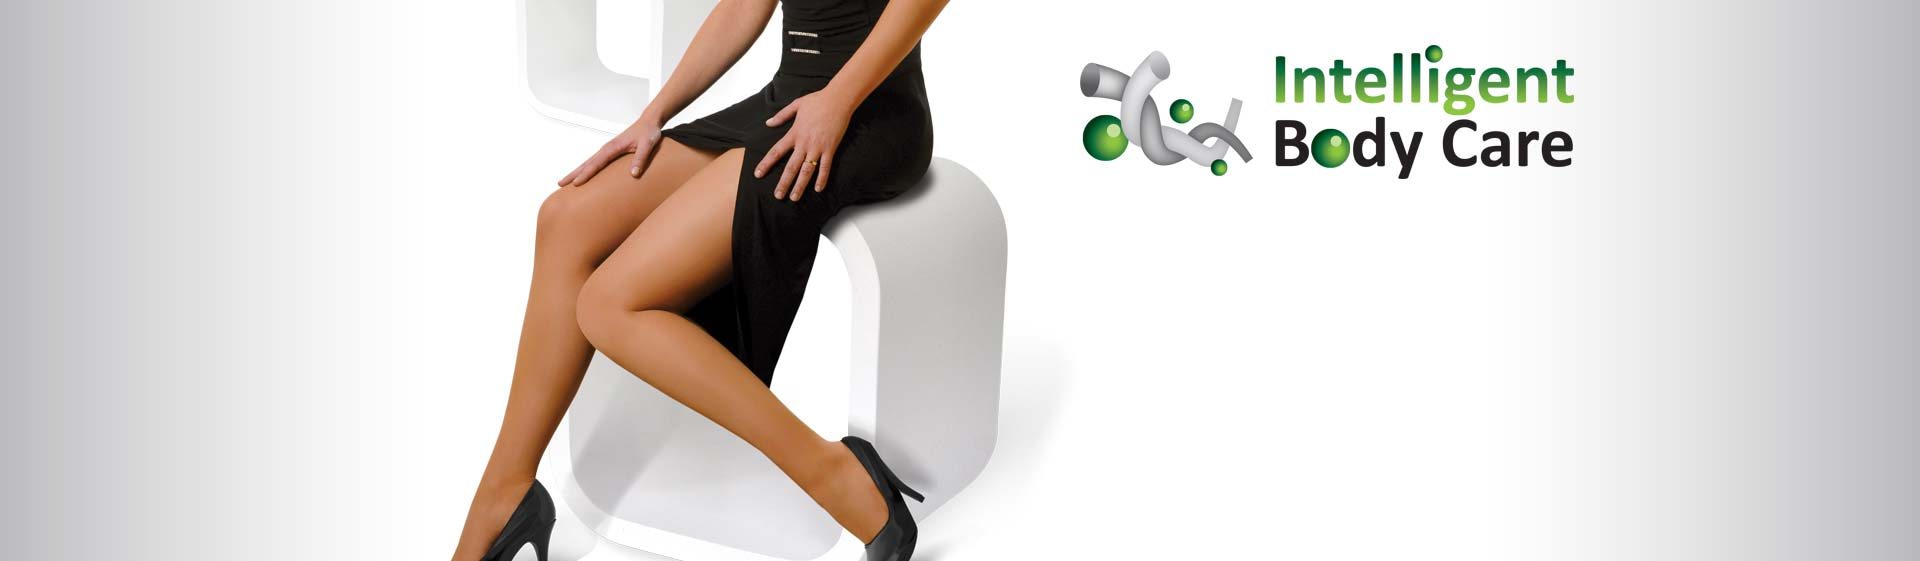 Módní punčochy se zdravotními benefity Intelligent Body Care ... klikněte zde